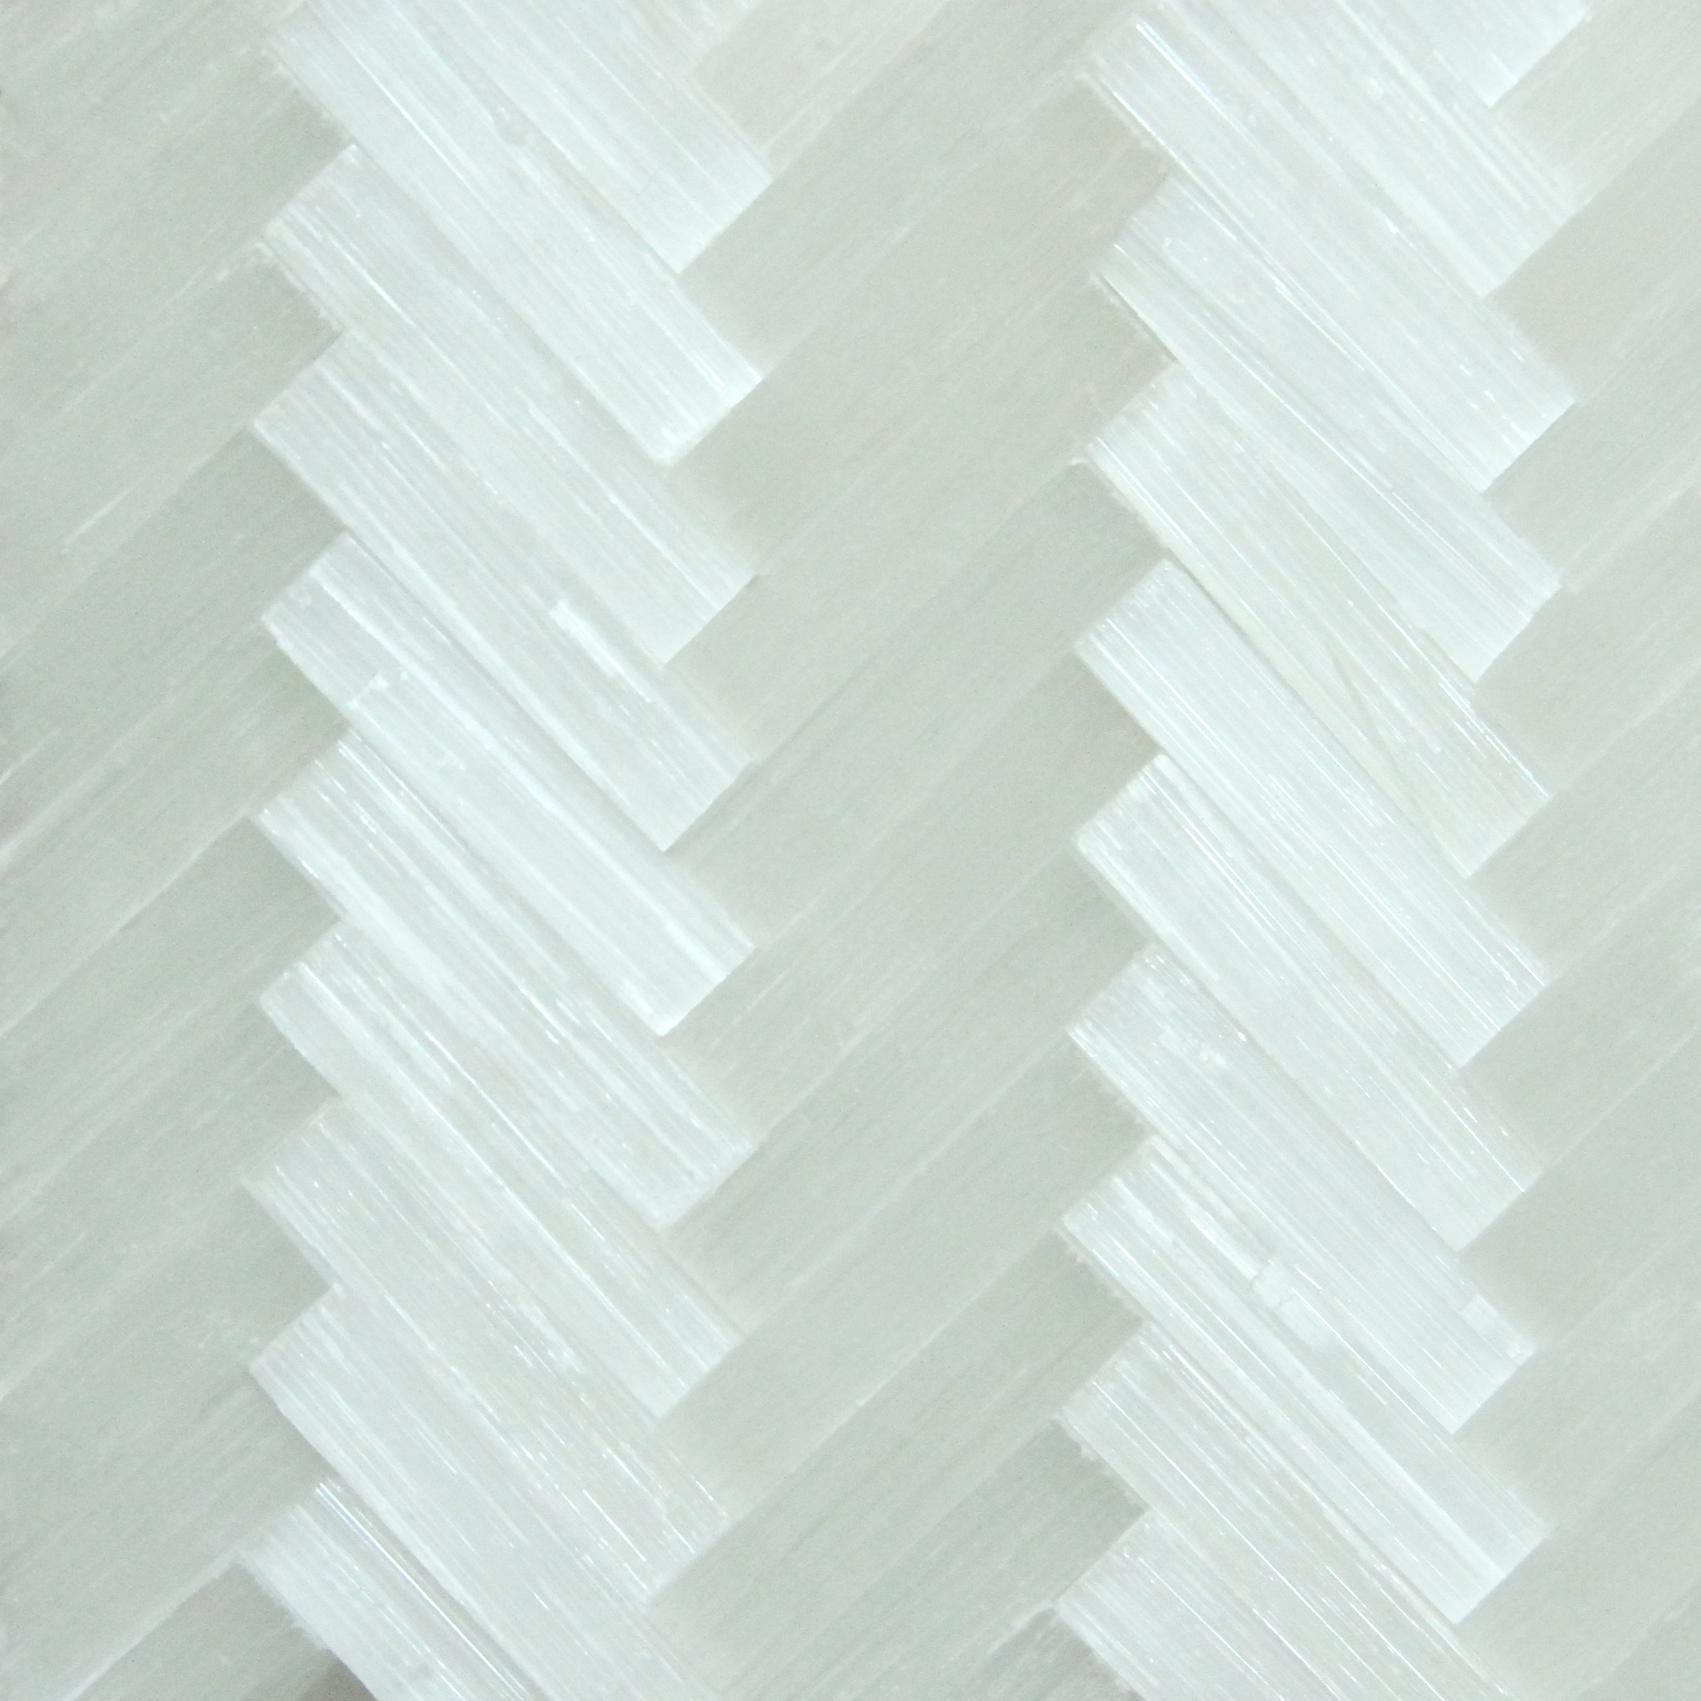 Selenite Tile